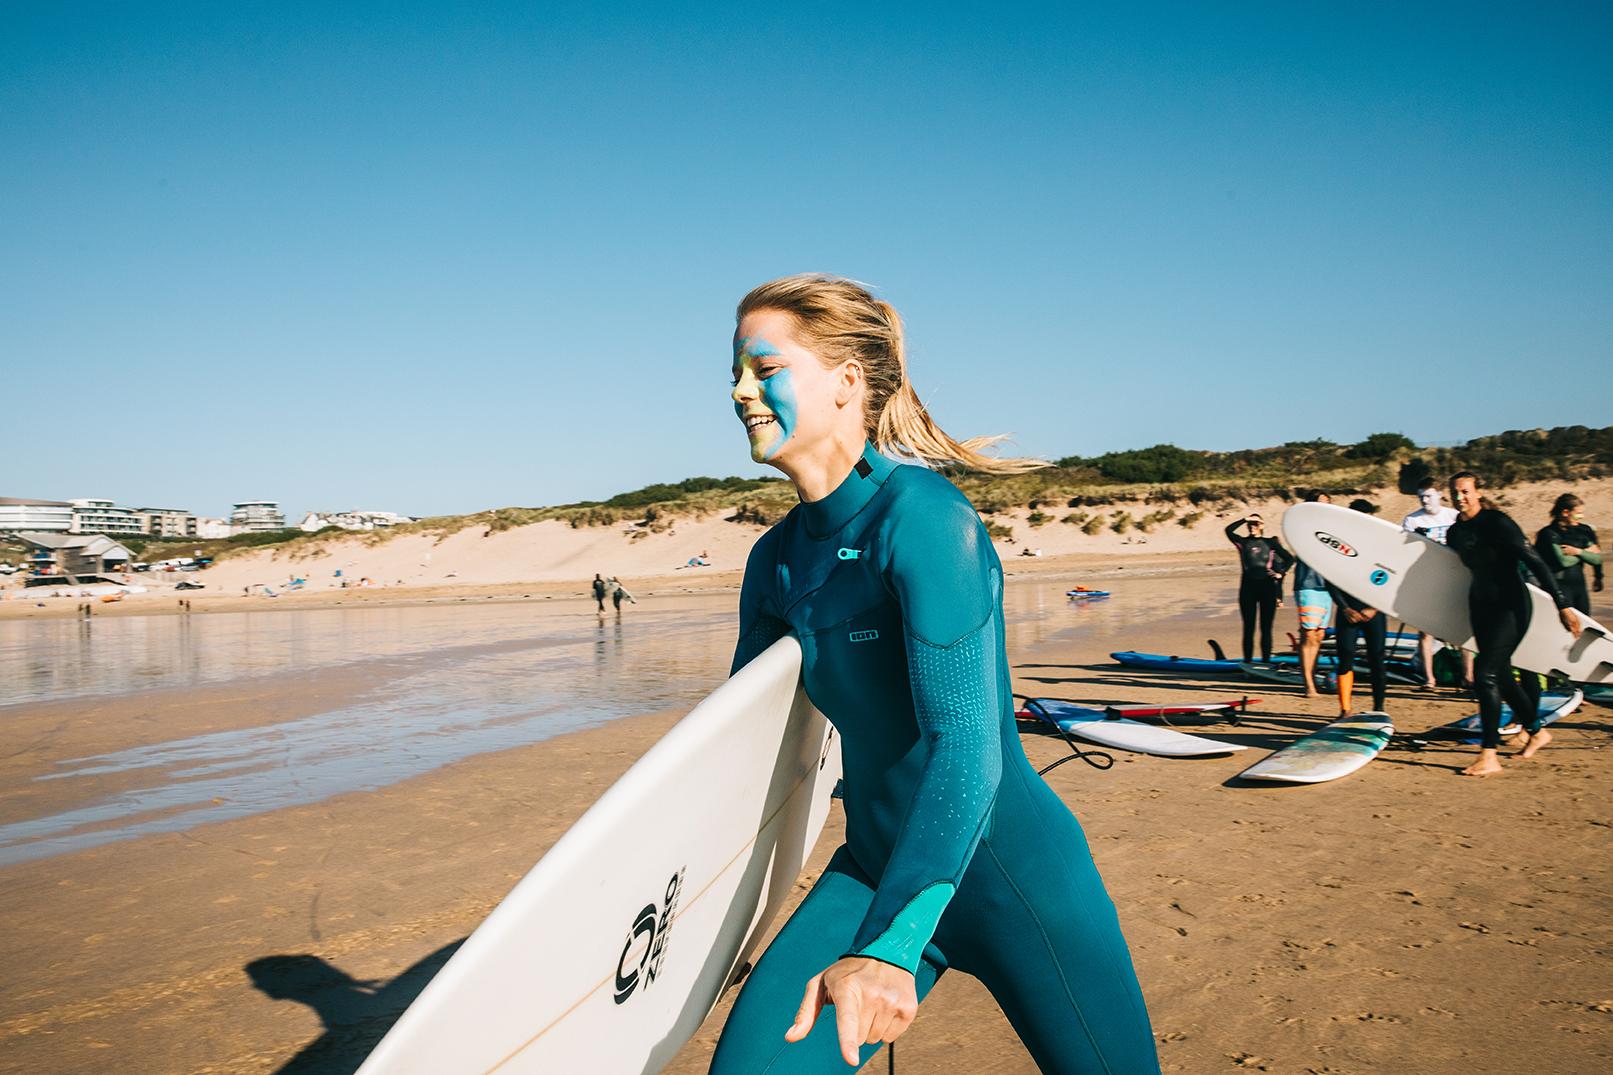 SurfChampionship_SurfMedConference_022_©PeterFlude.jpg